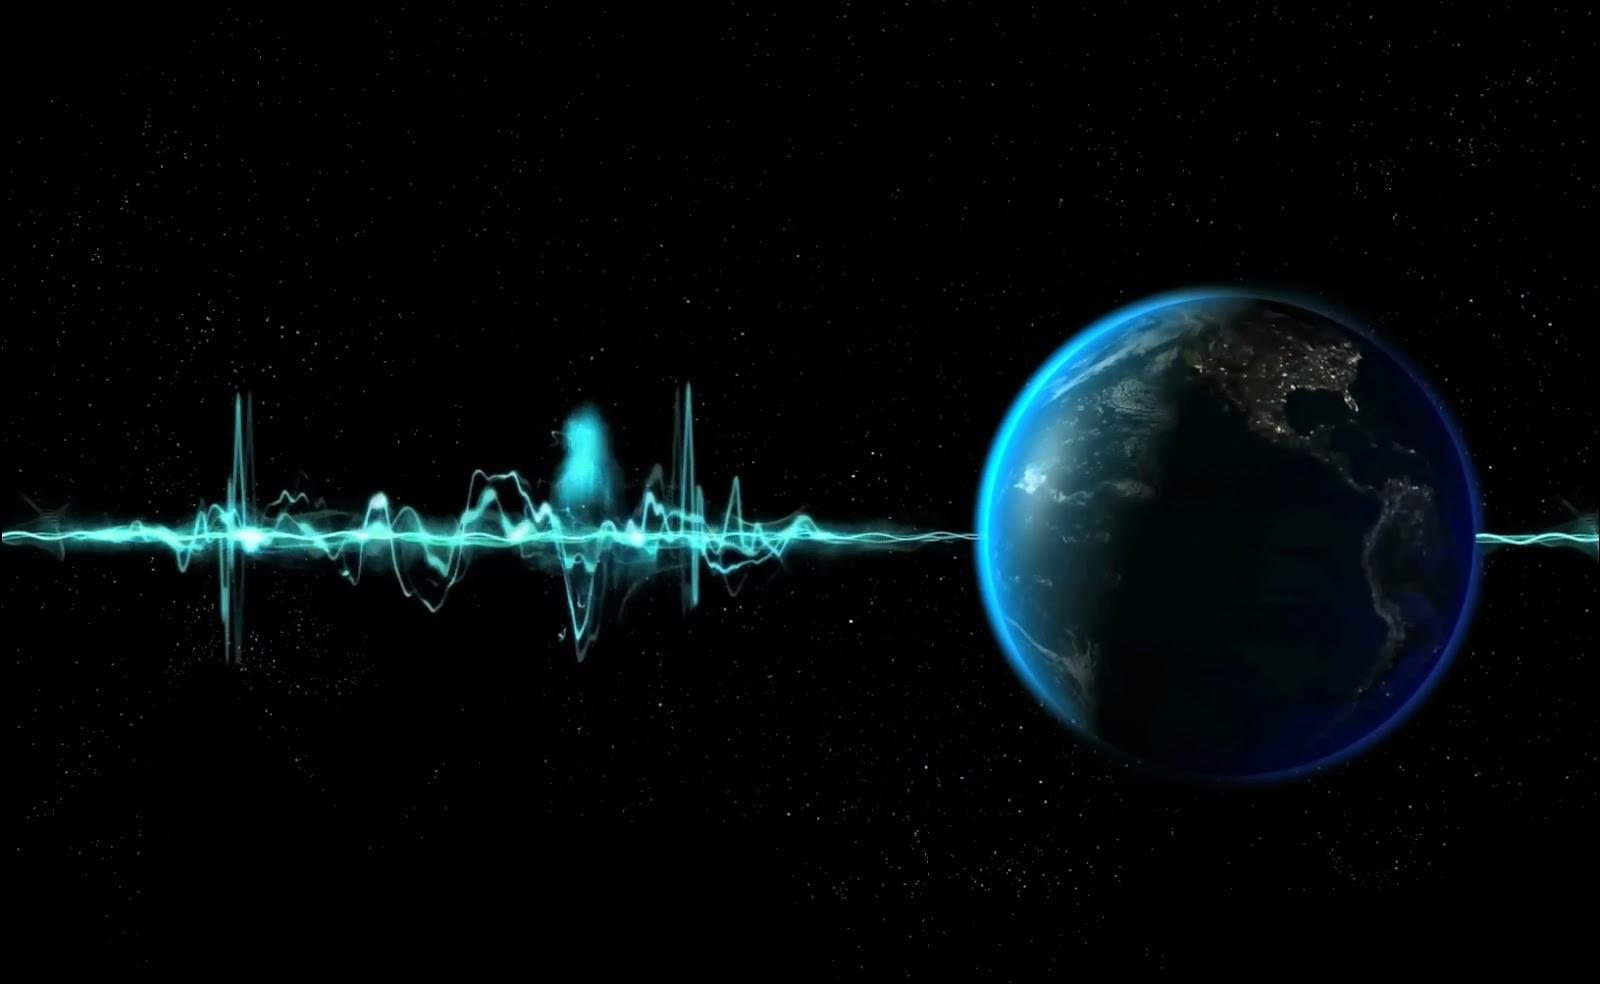 ВКосмосе получен знак, превышающий скорость света в4 раза— Ученые